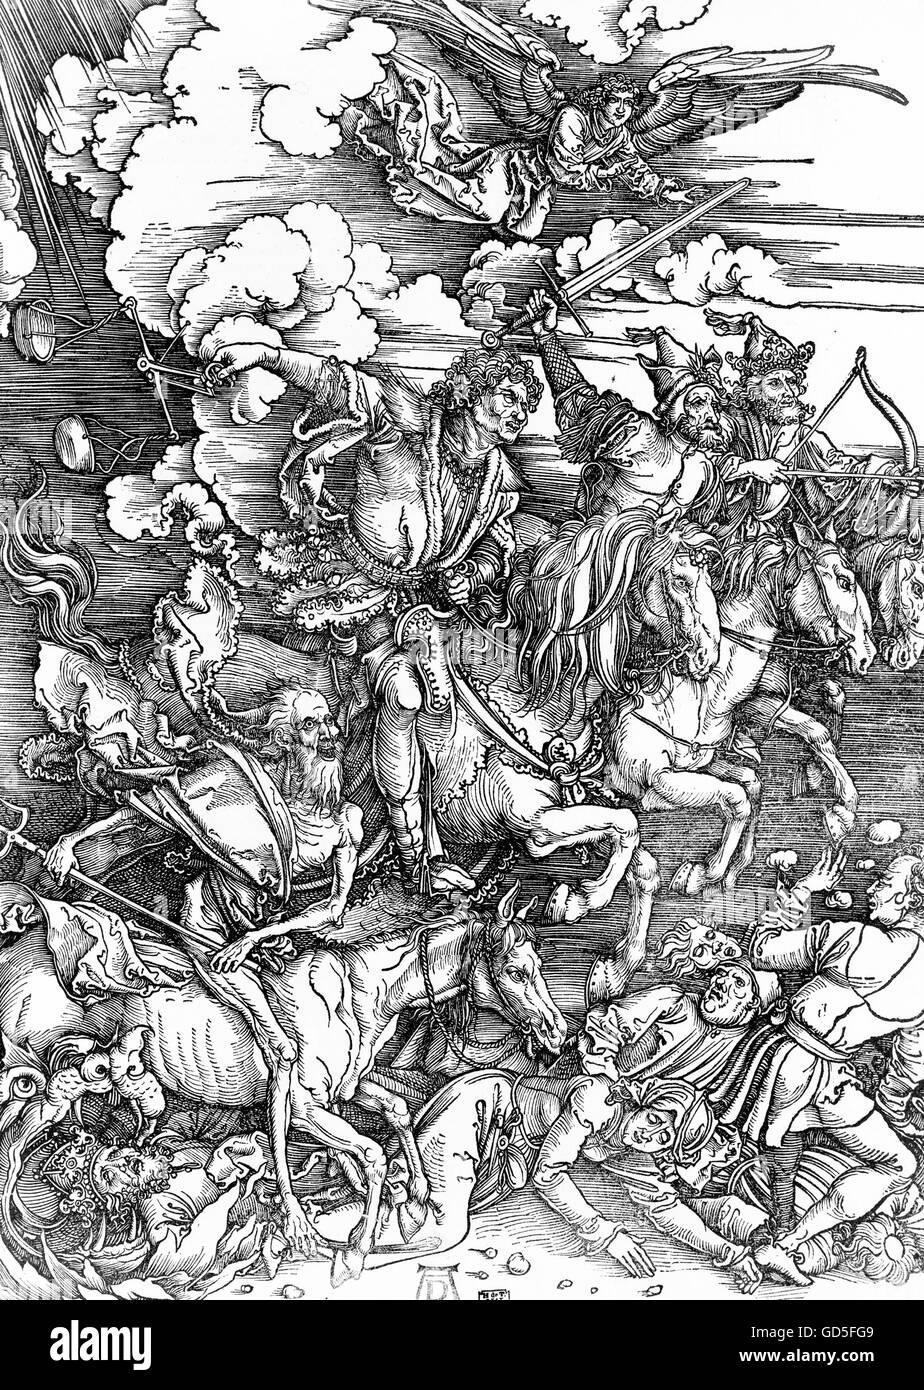 Vier Reiter der Apokalypse von Albrecht Dürer, 1511, Holzschnittdruck. Stockbild